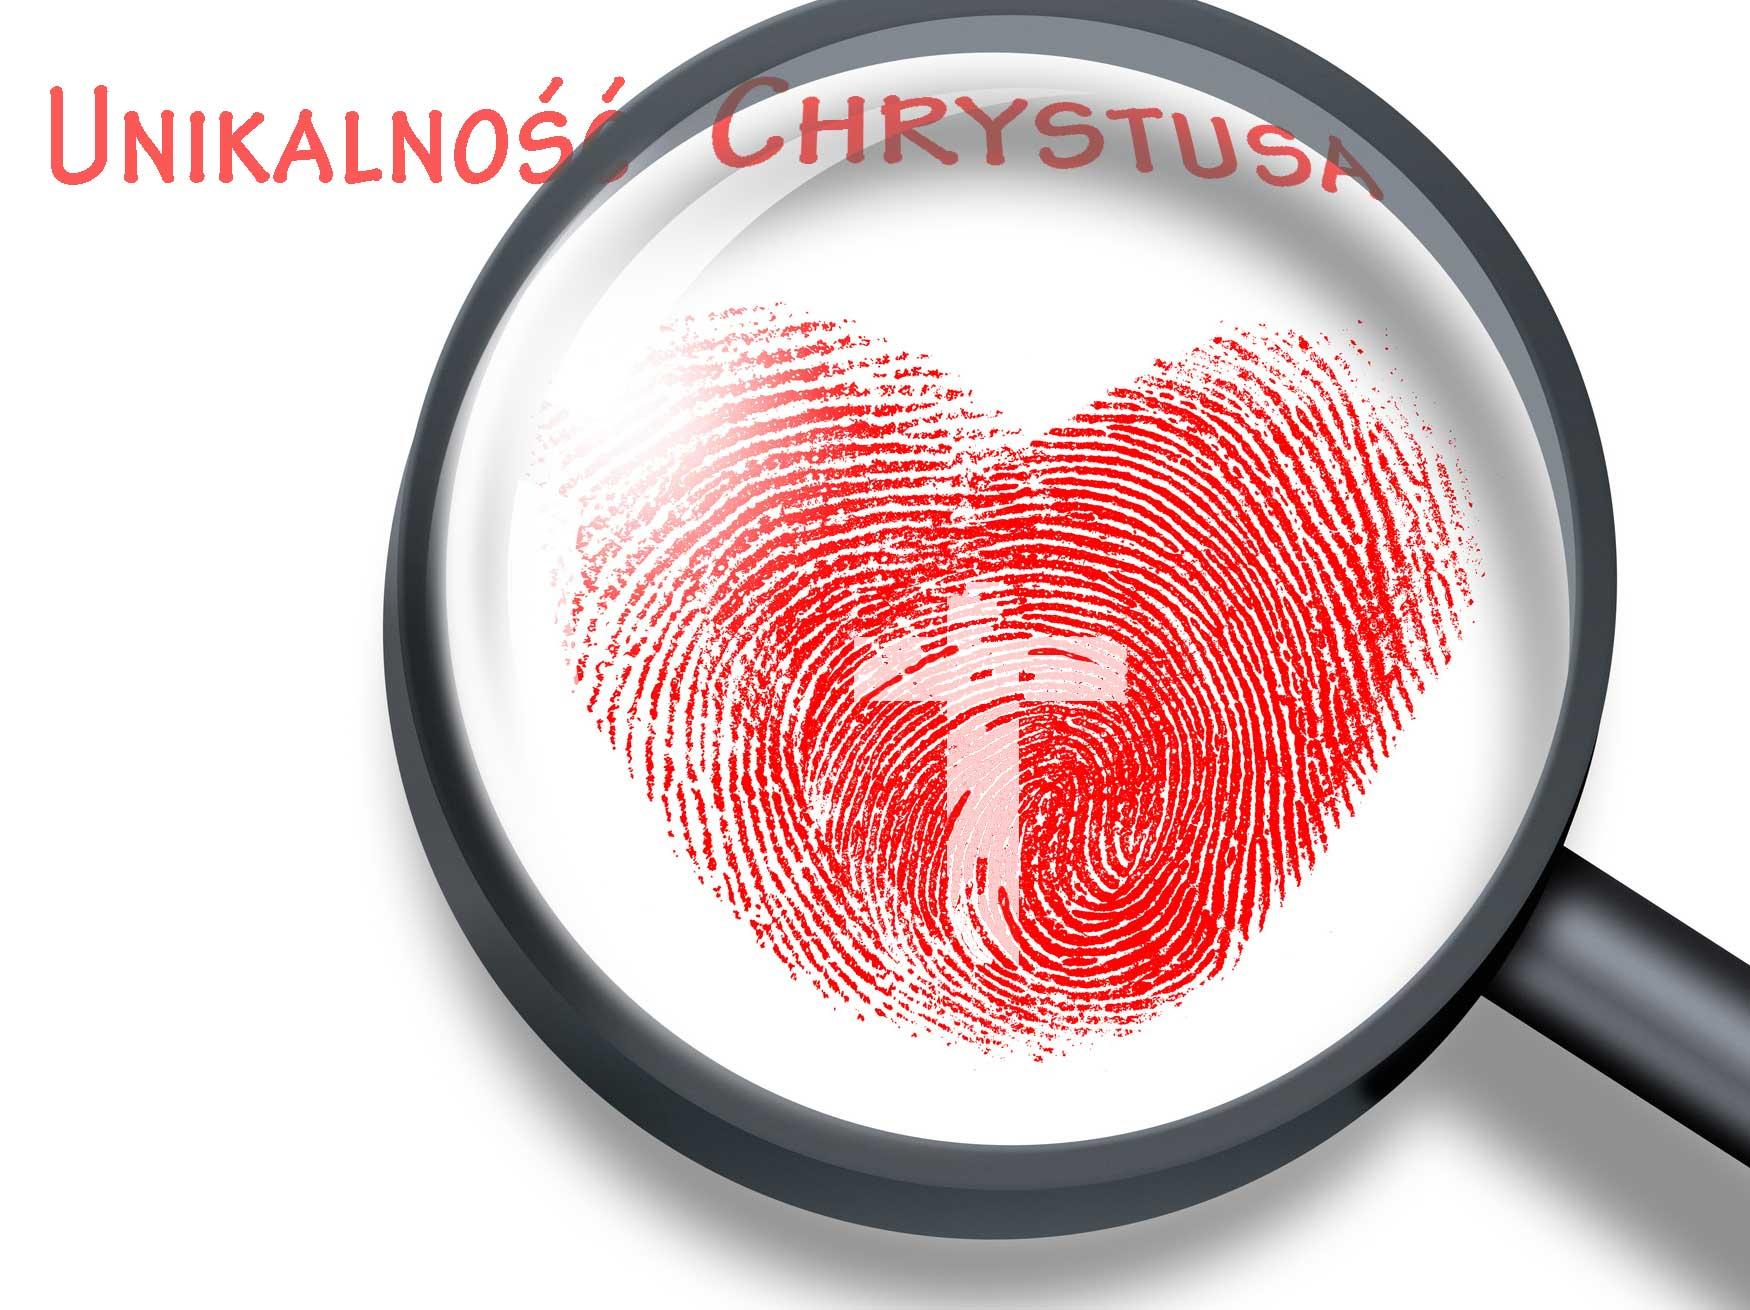 Seria kazań - Unikalność Chrystusa